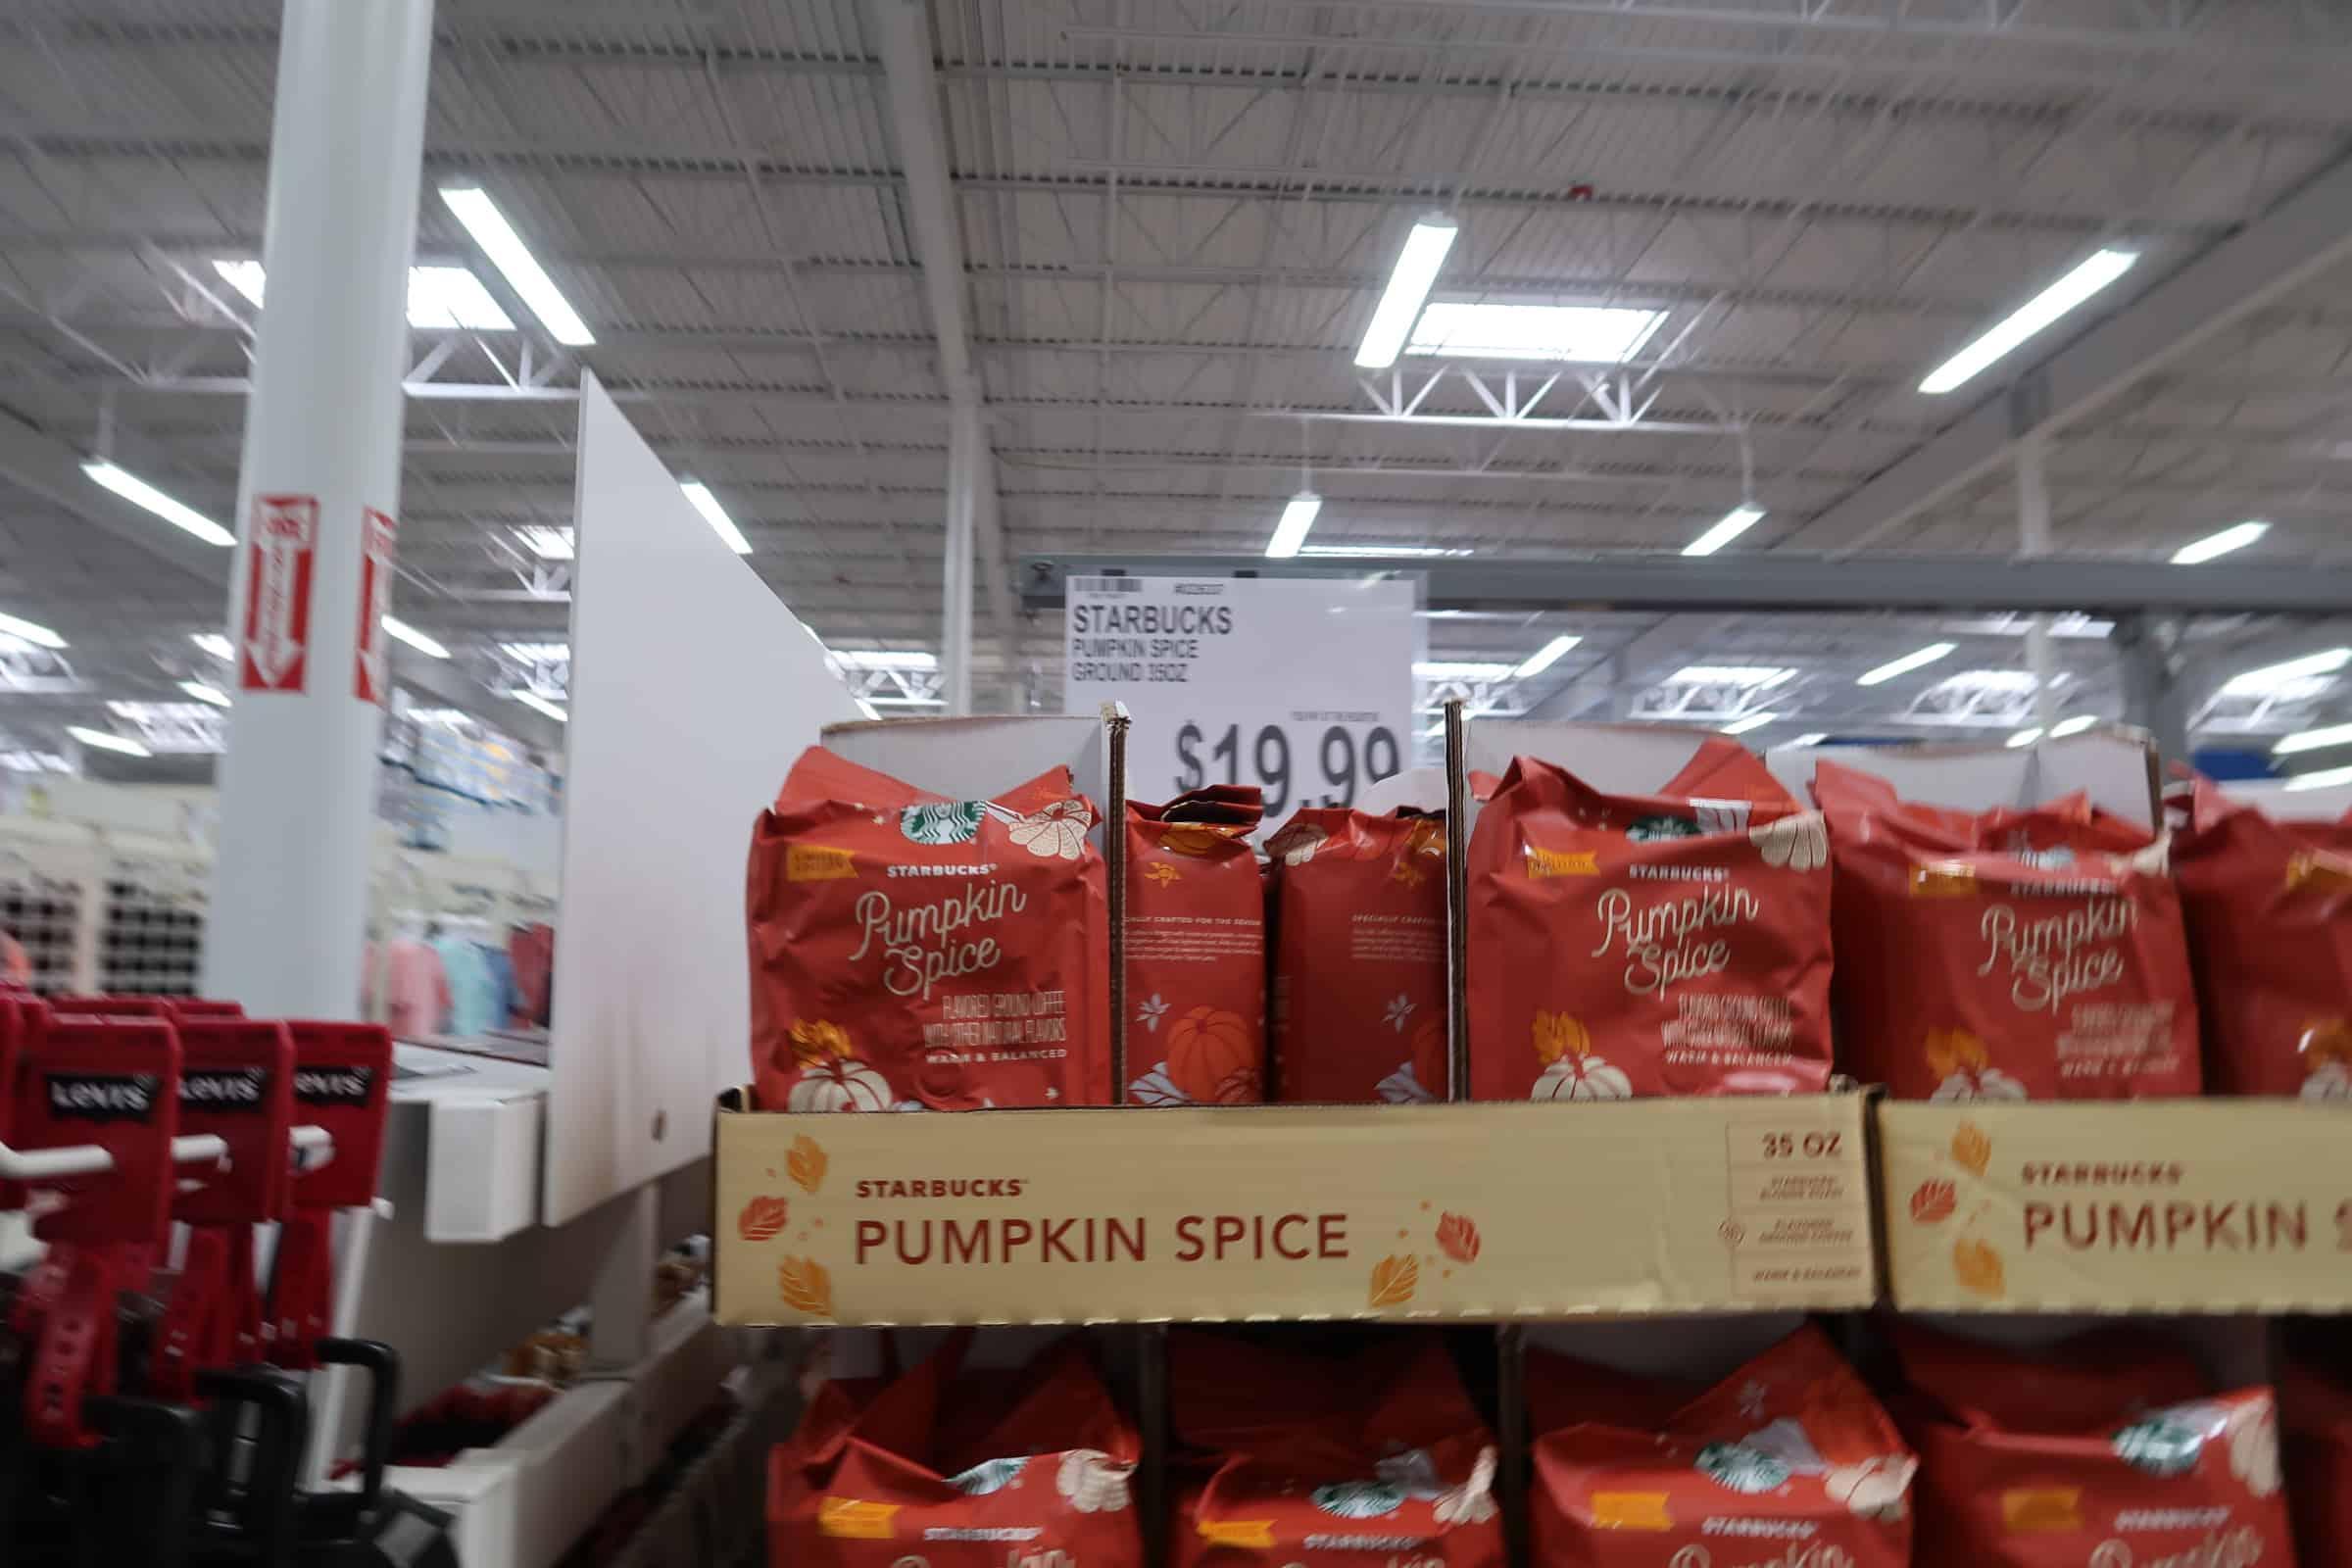 pumpkin spice coffee at Bjs